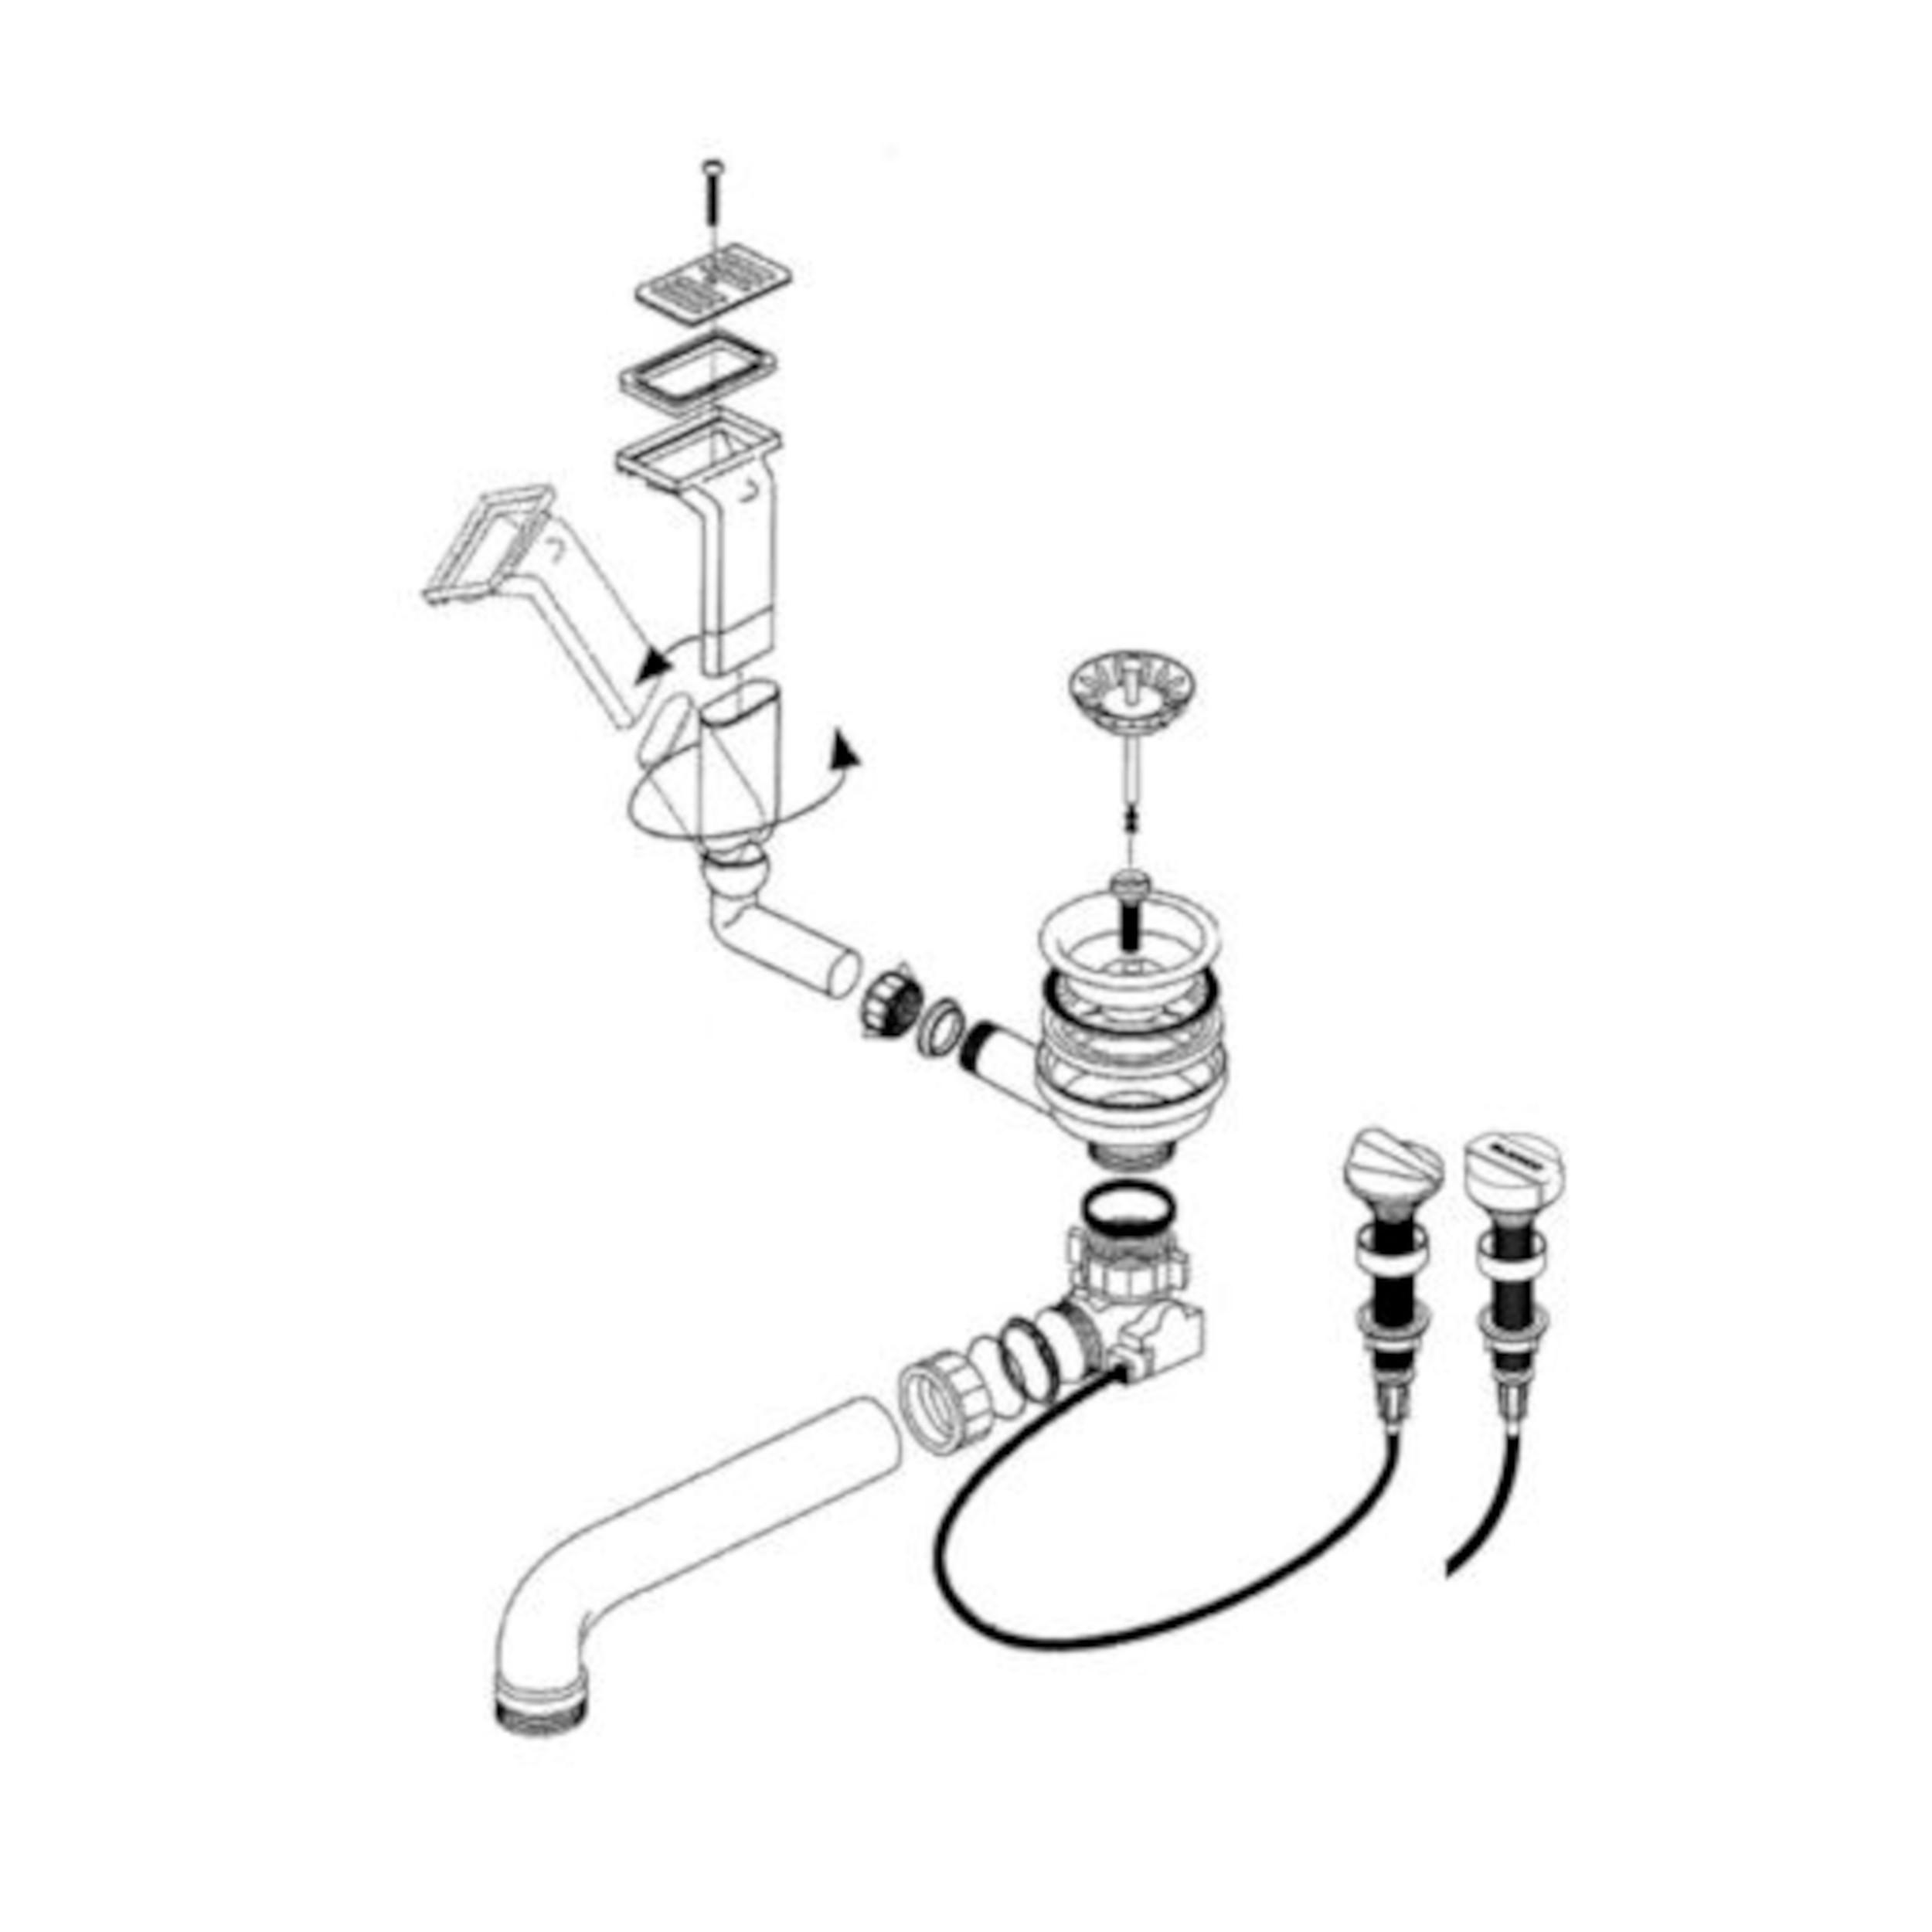 BLANCO Ablaufgarnitur 1 x 3,5'' Sieb mit Ablauffernbedienung Überlauf rechteckig/horizontal 221404